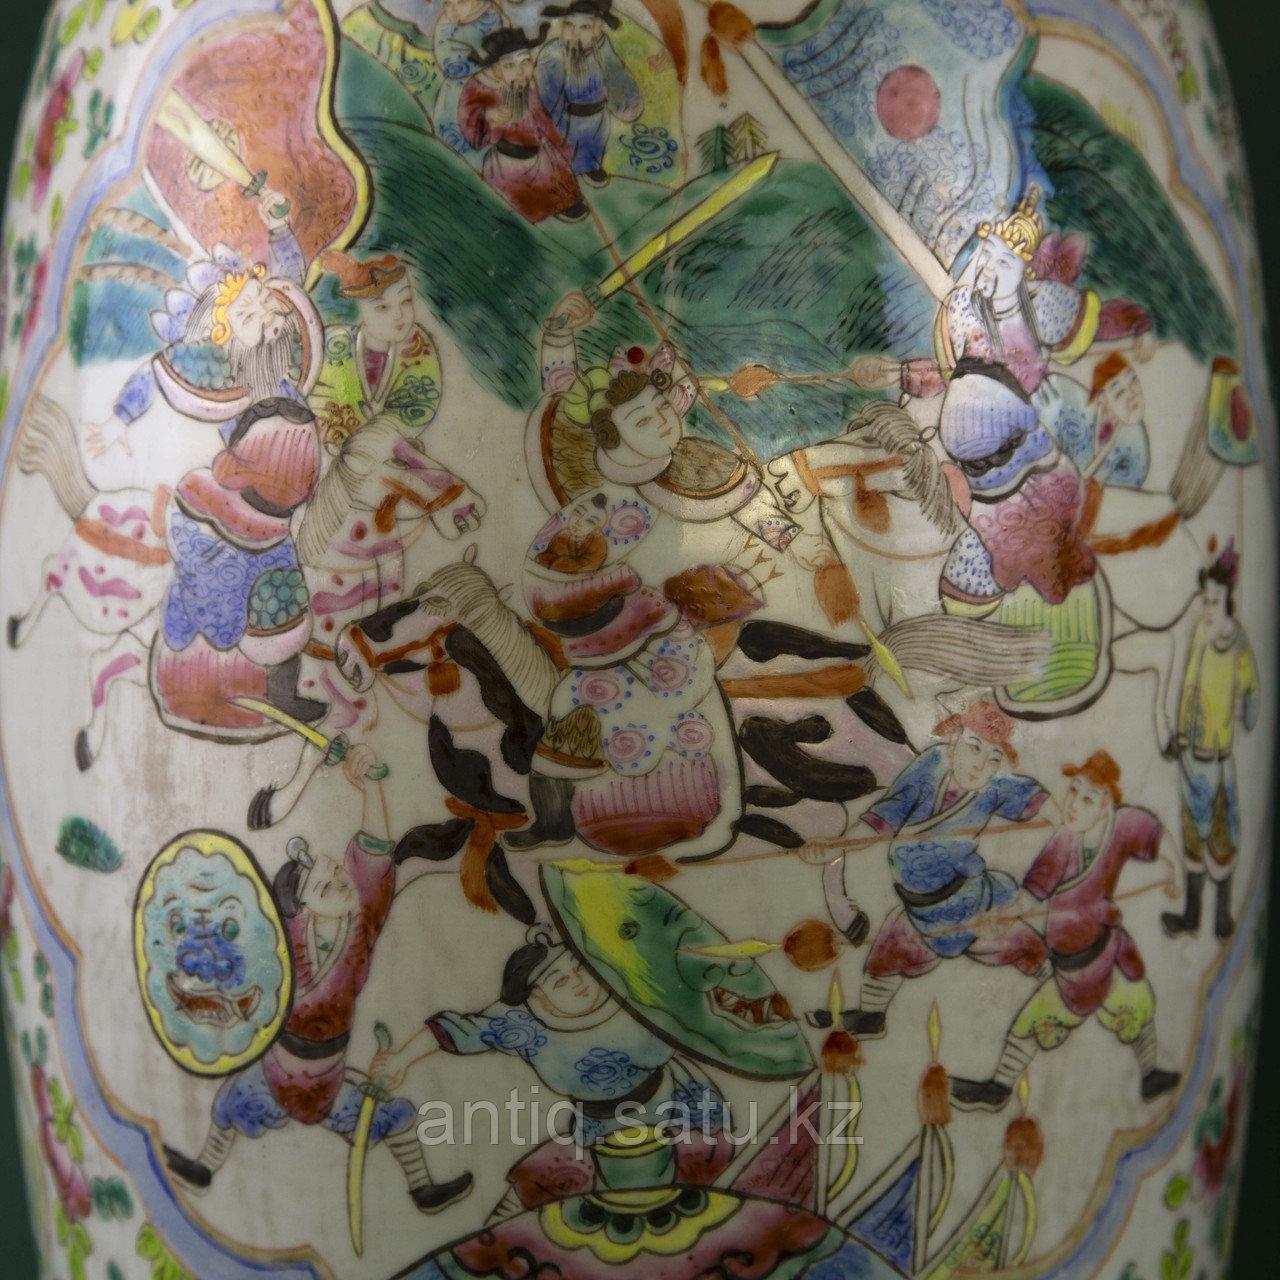 Парадные вазы. Китай. Начало ХХ века - фото 7